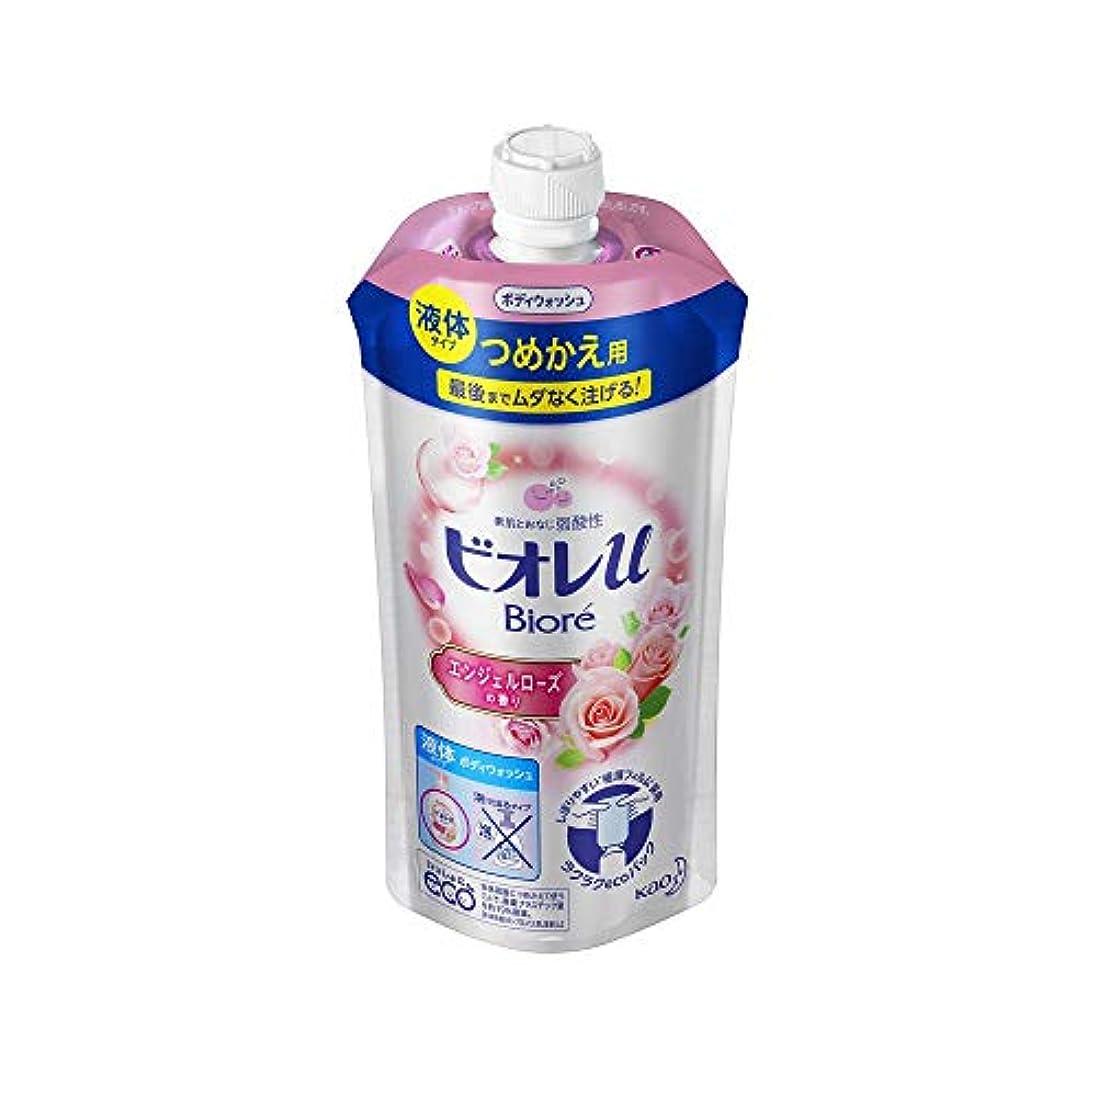 発表比類のない時代花王 ビオレu エンジェルローズの香りつめかえ用 340ML